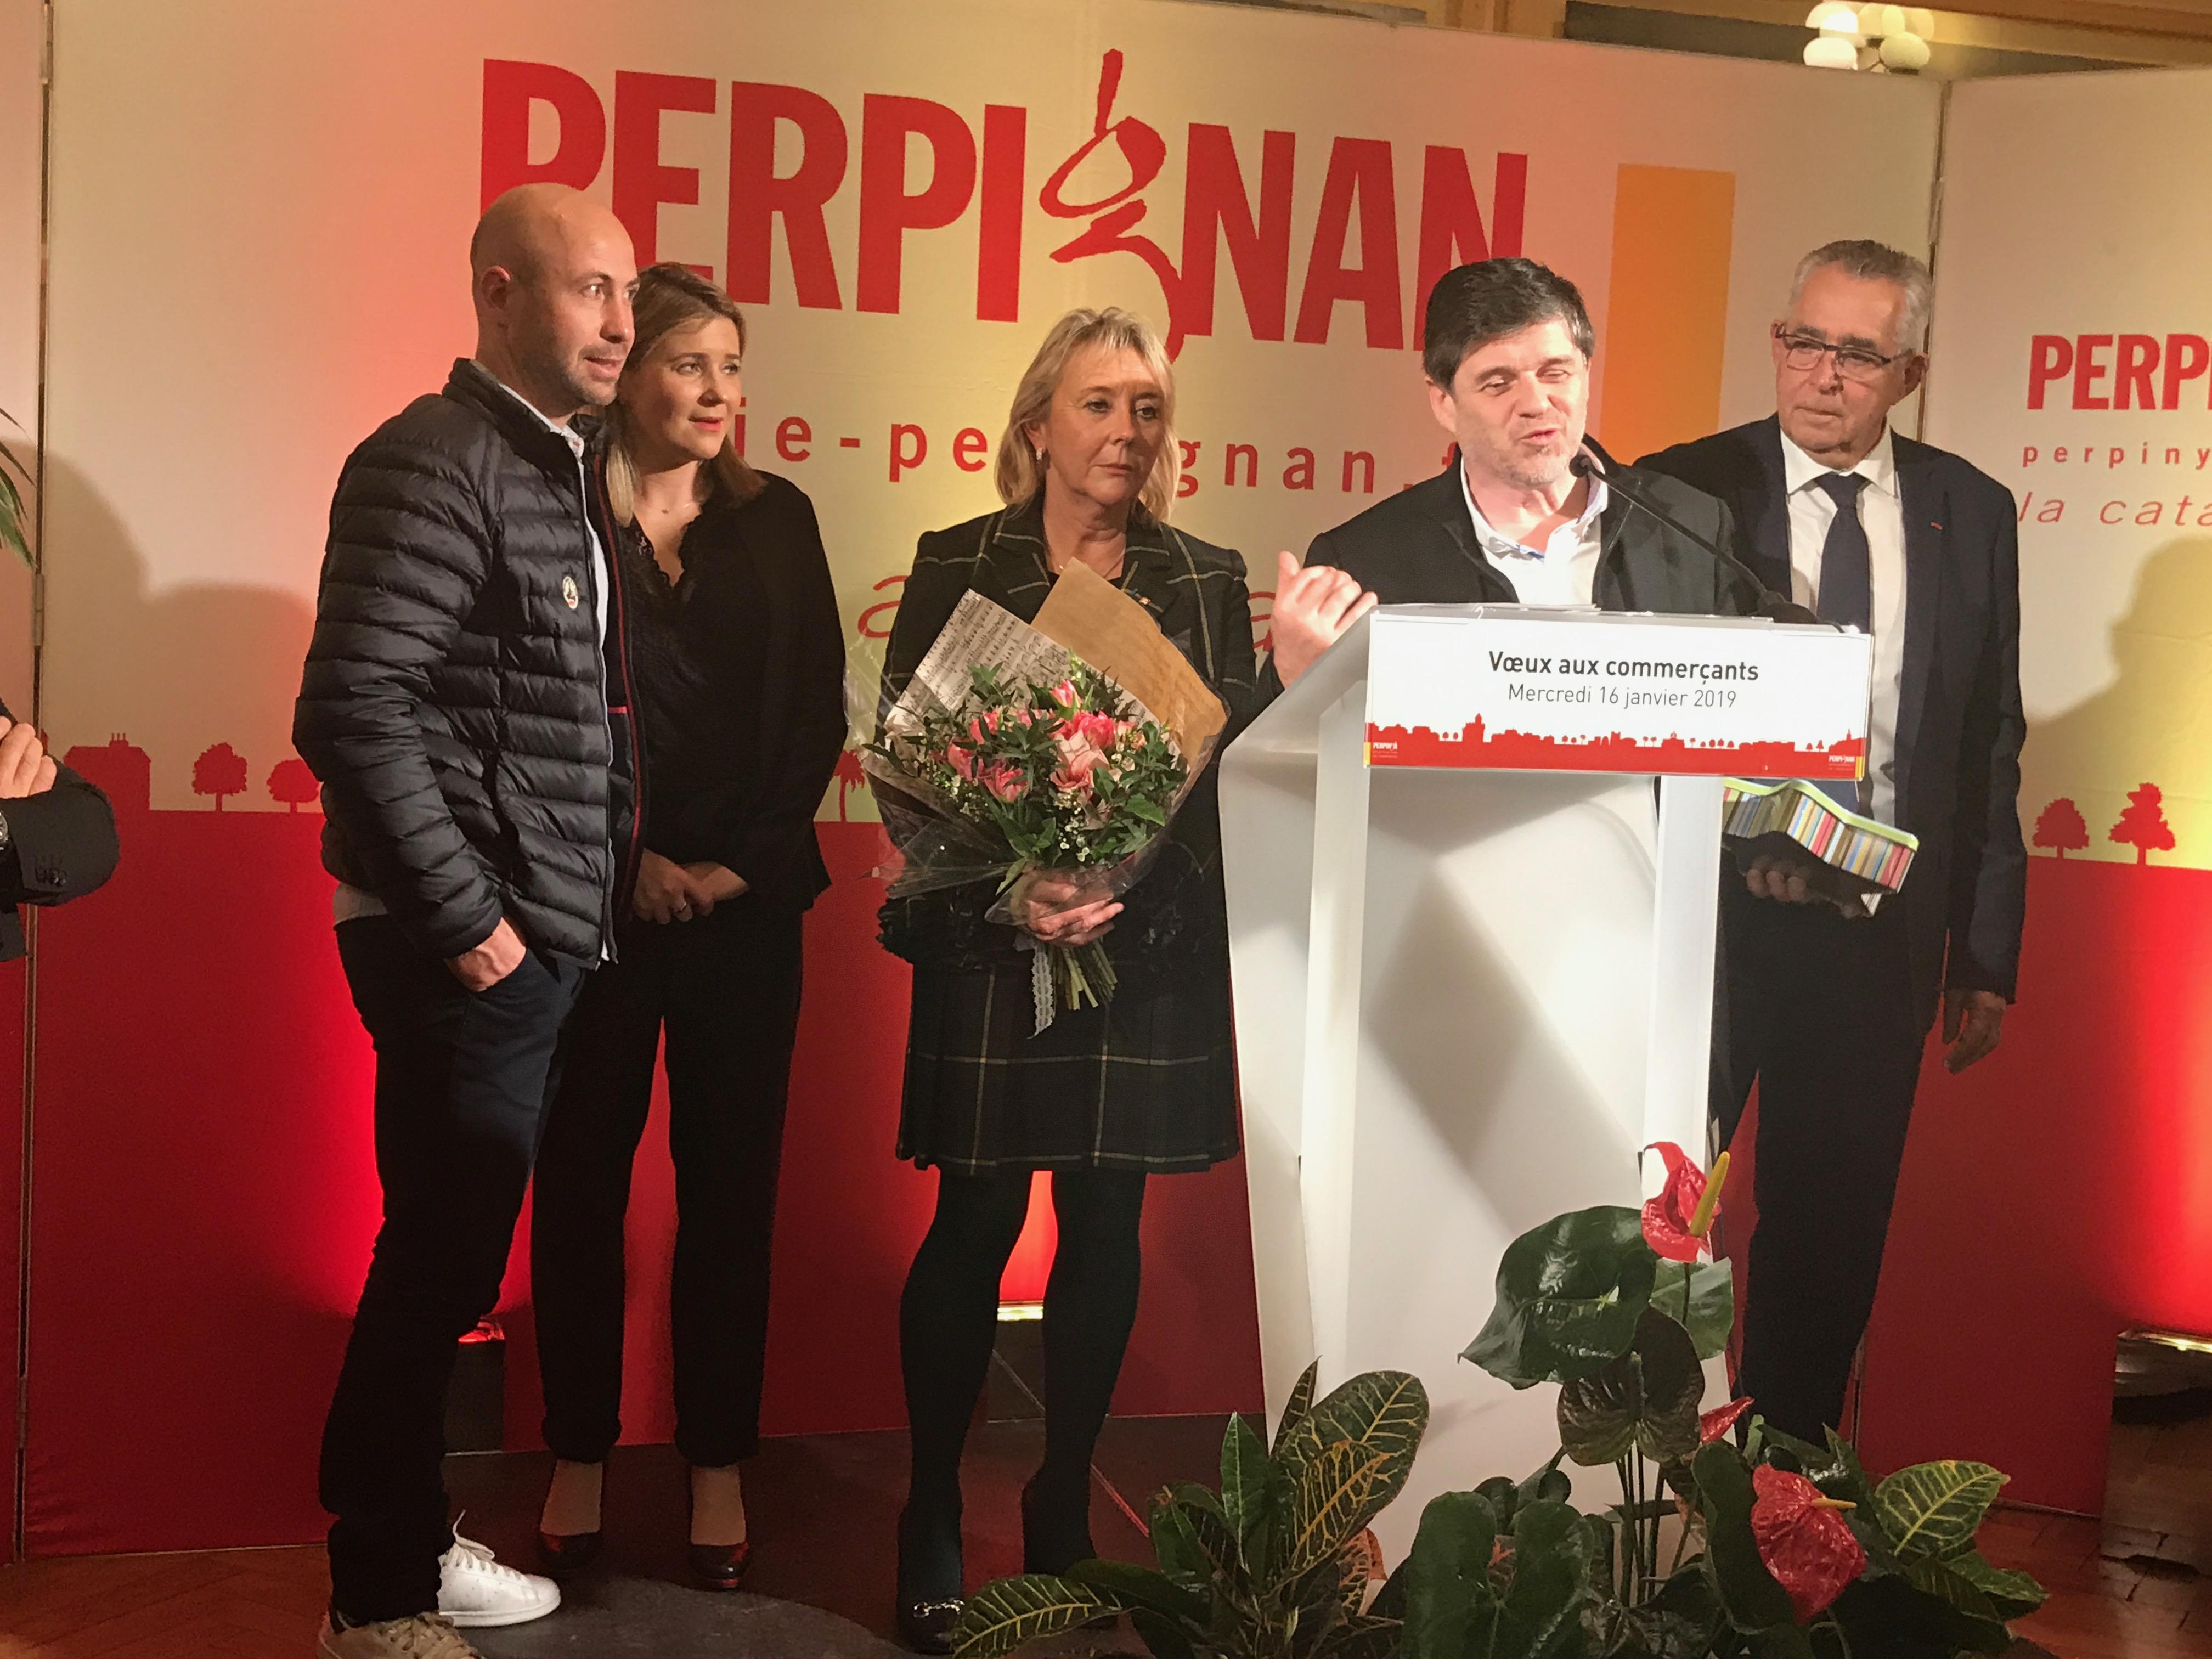 Delmas Musique IMG_4726 Remise de la médaille de la ville de Perpignan à Mr Amand GOMBERT-DELMAS